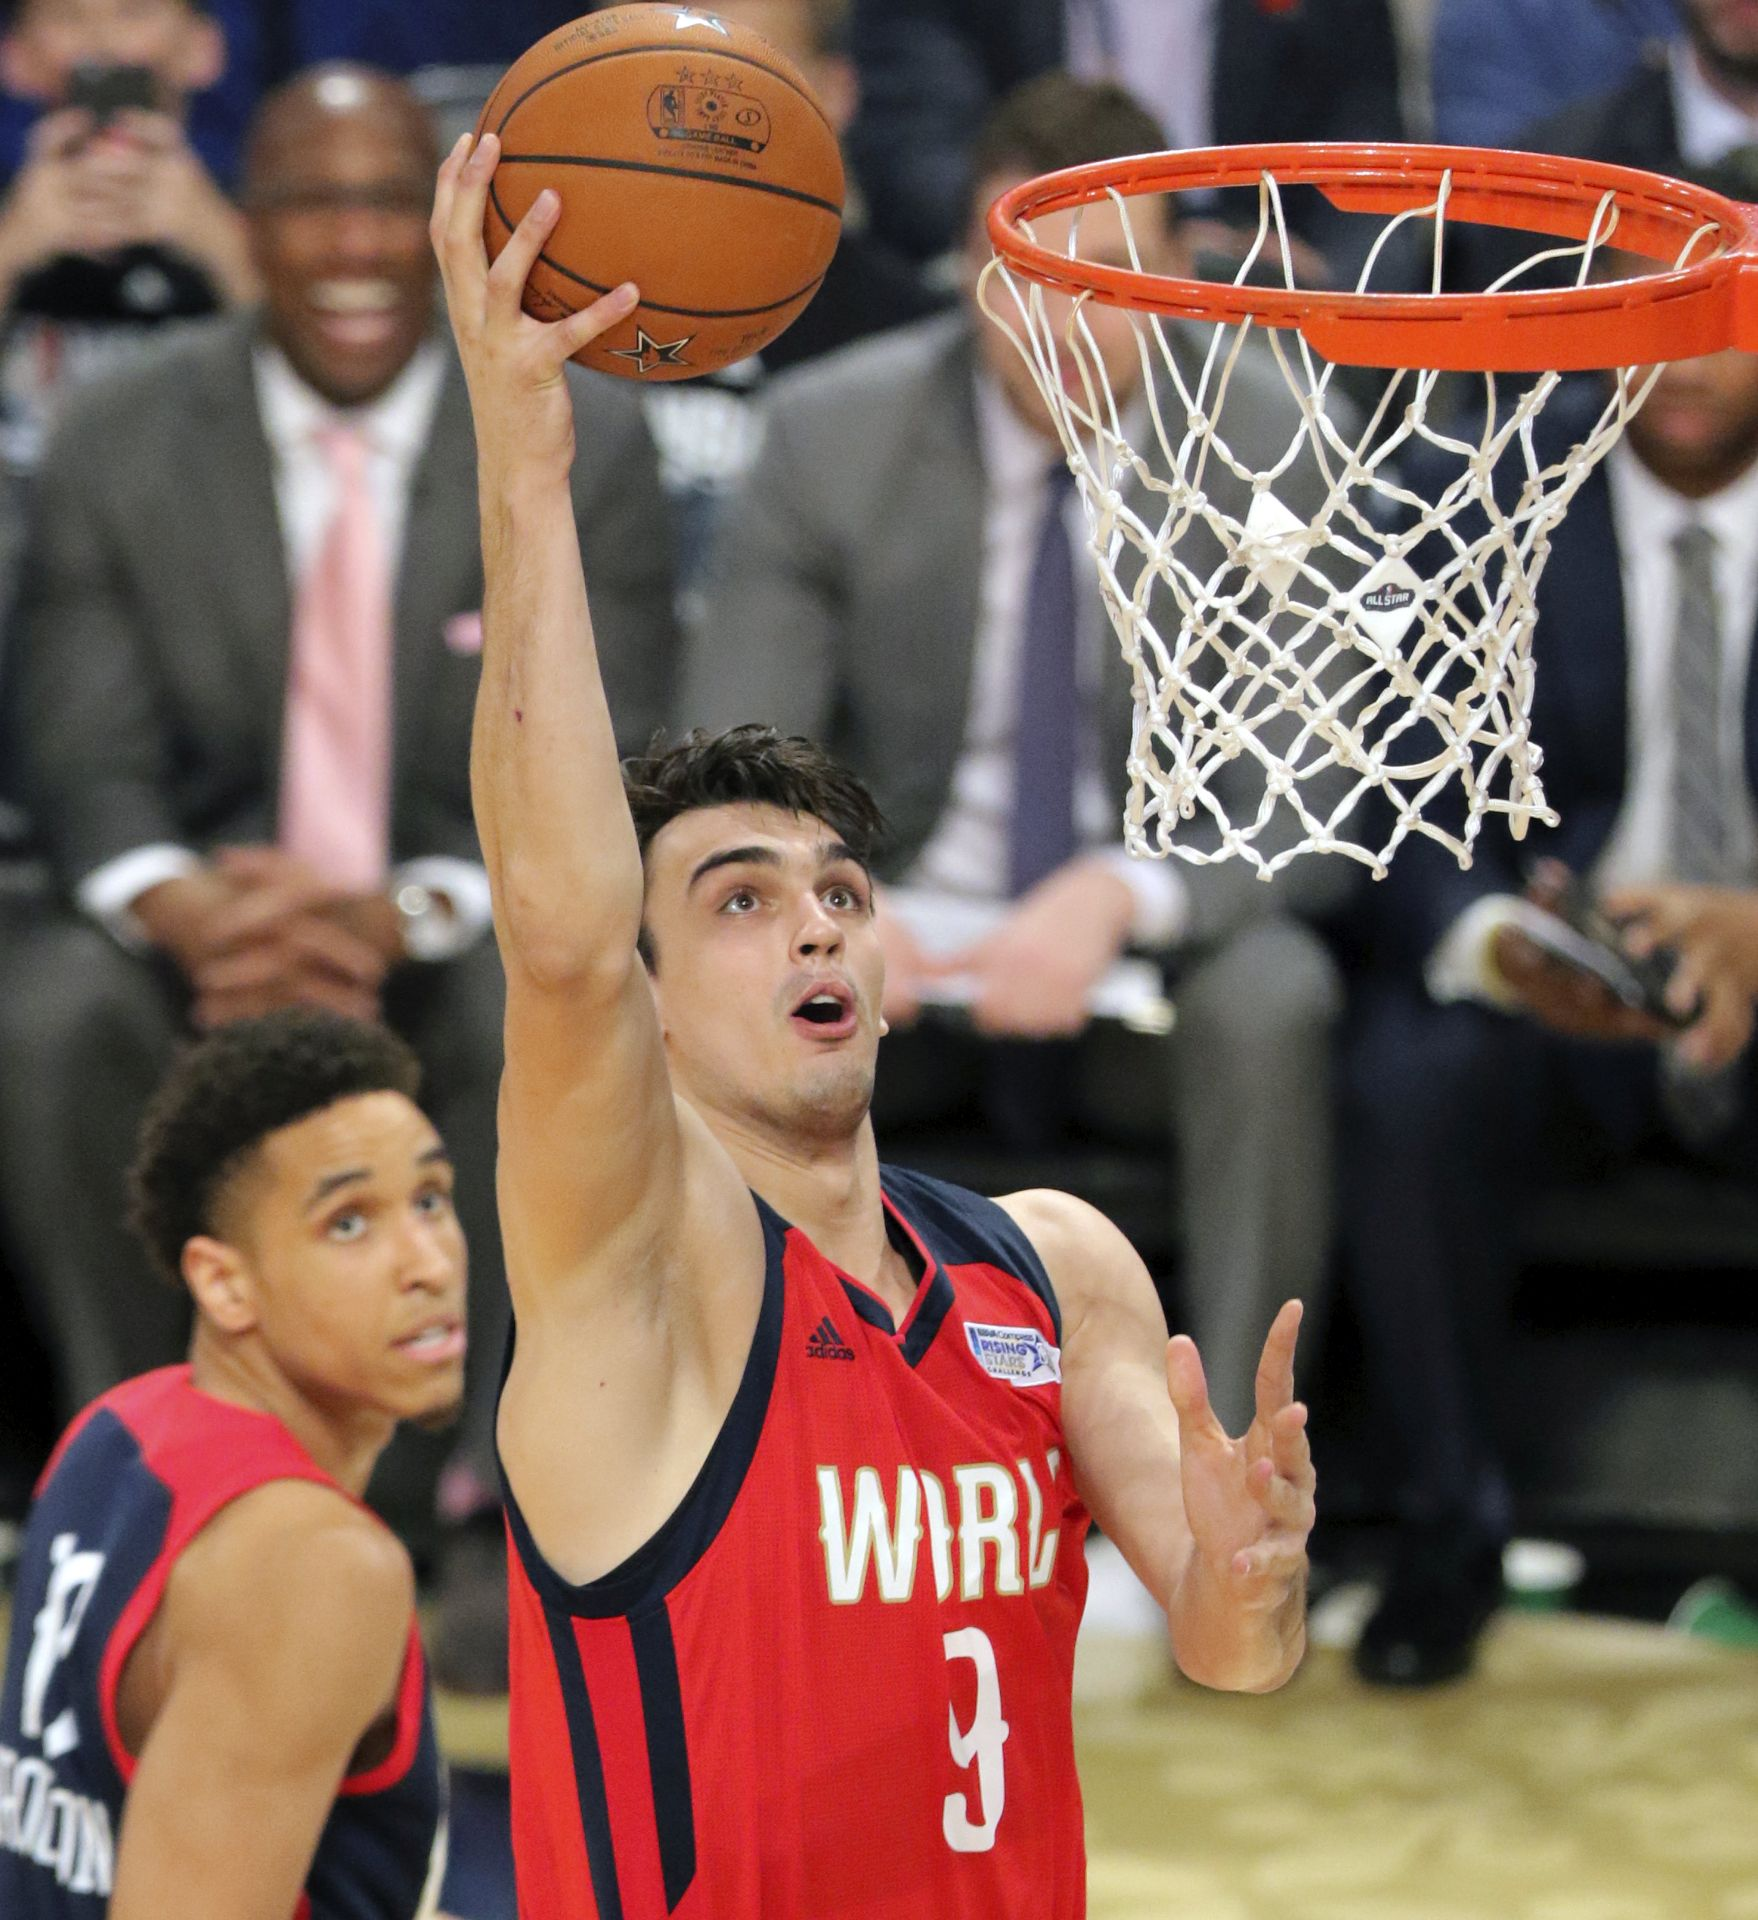 NBA Šarićevih 17 koševa u pobjedi Svijeta nad SAD-om